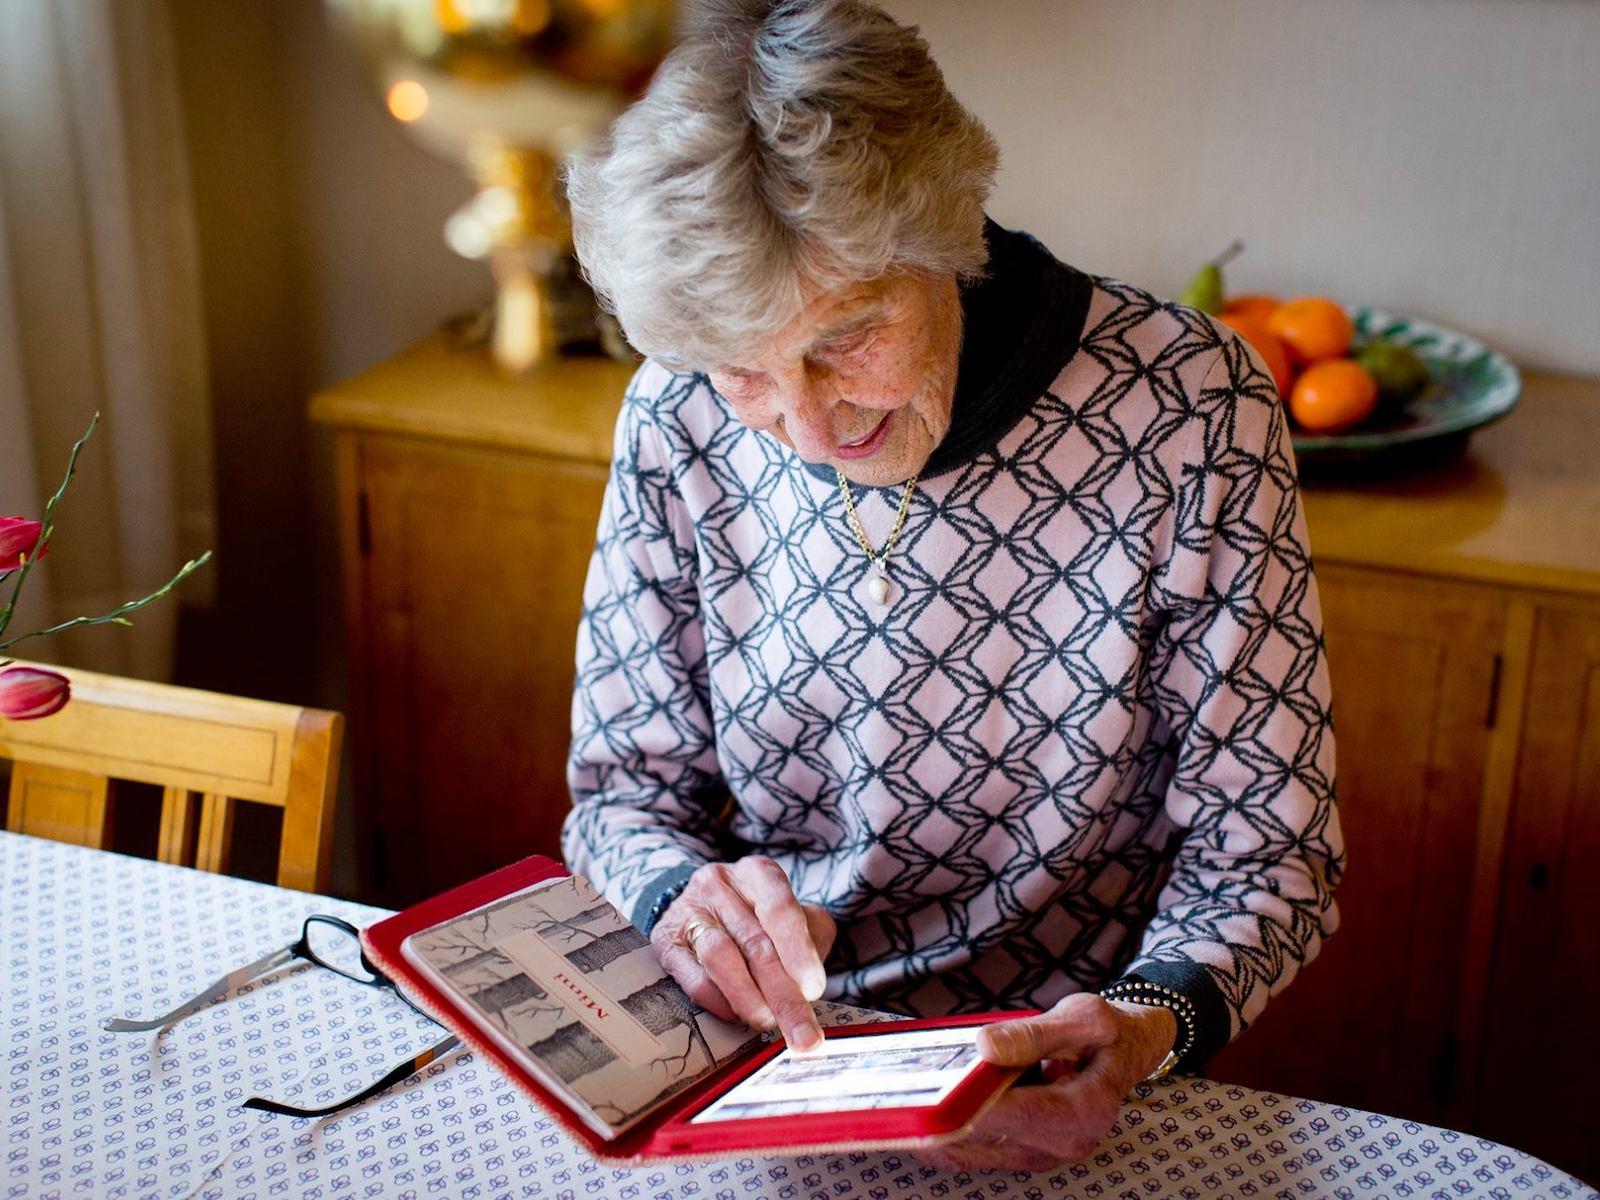 Grandma holding KAMA tablet